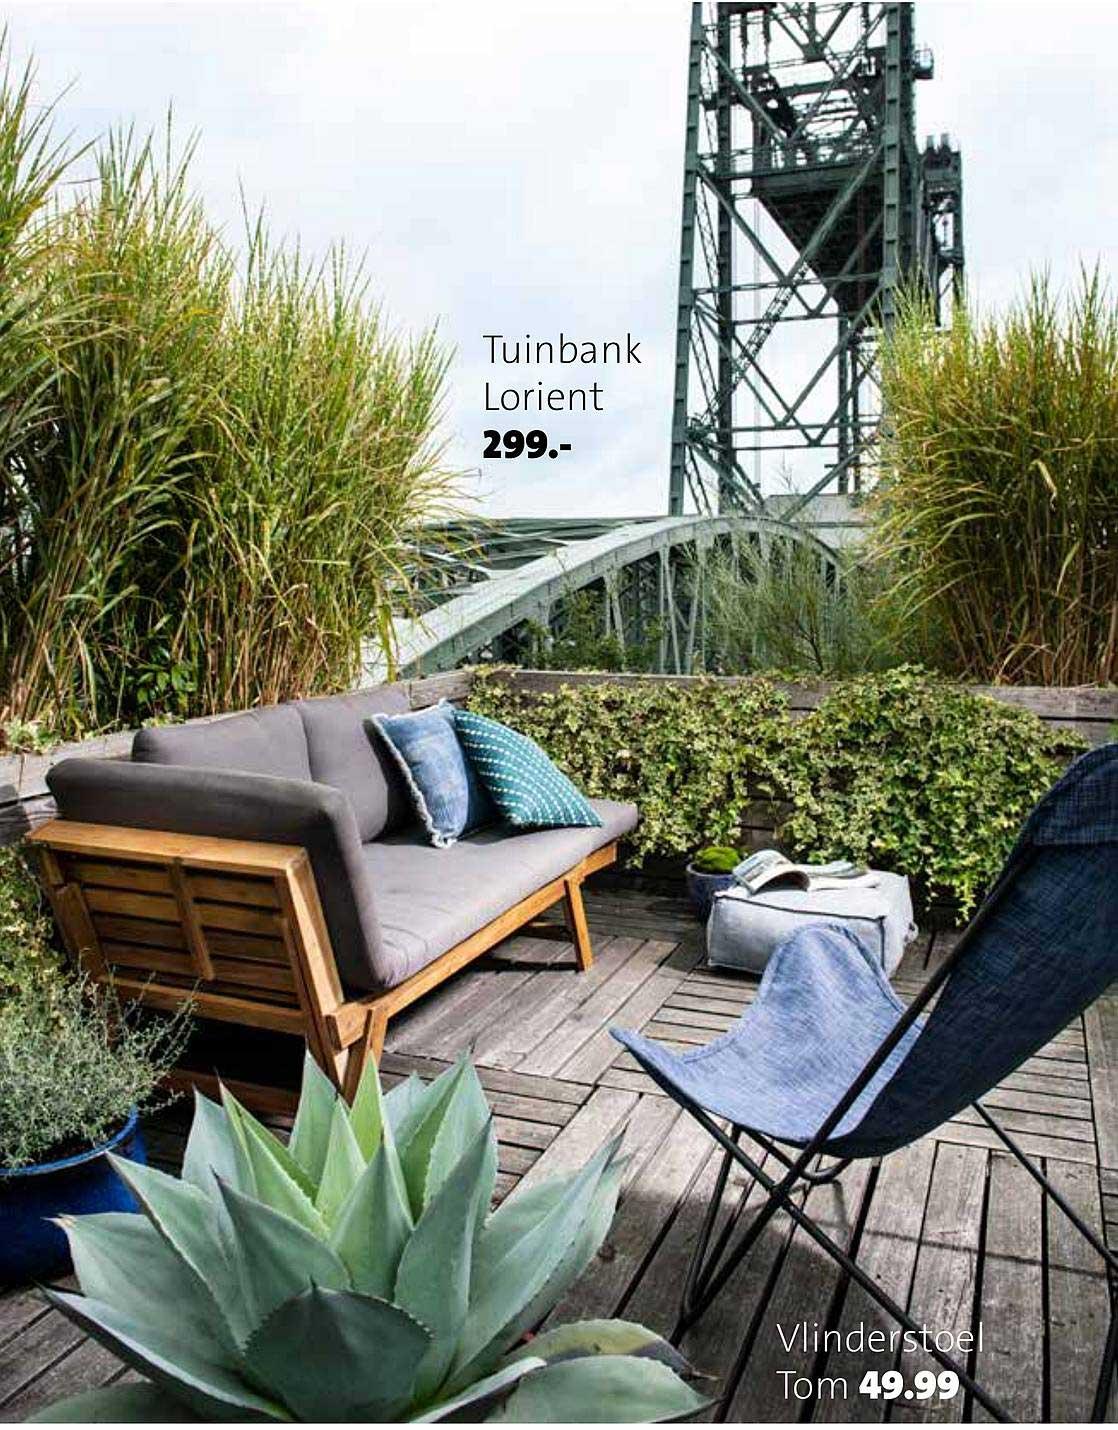 Intratuin Tuinbank Lorient En Vlinderstoel Tom